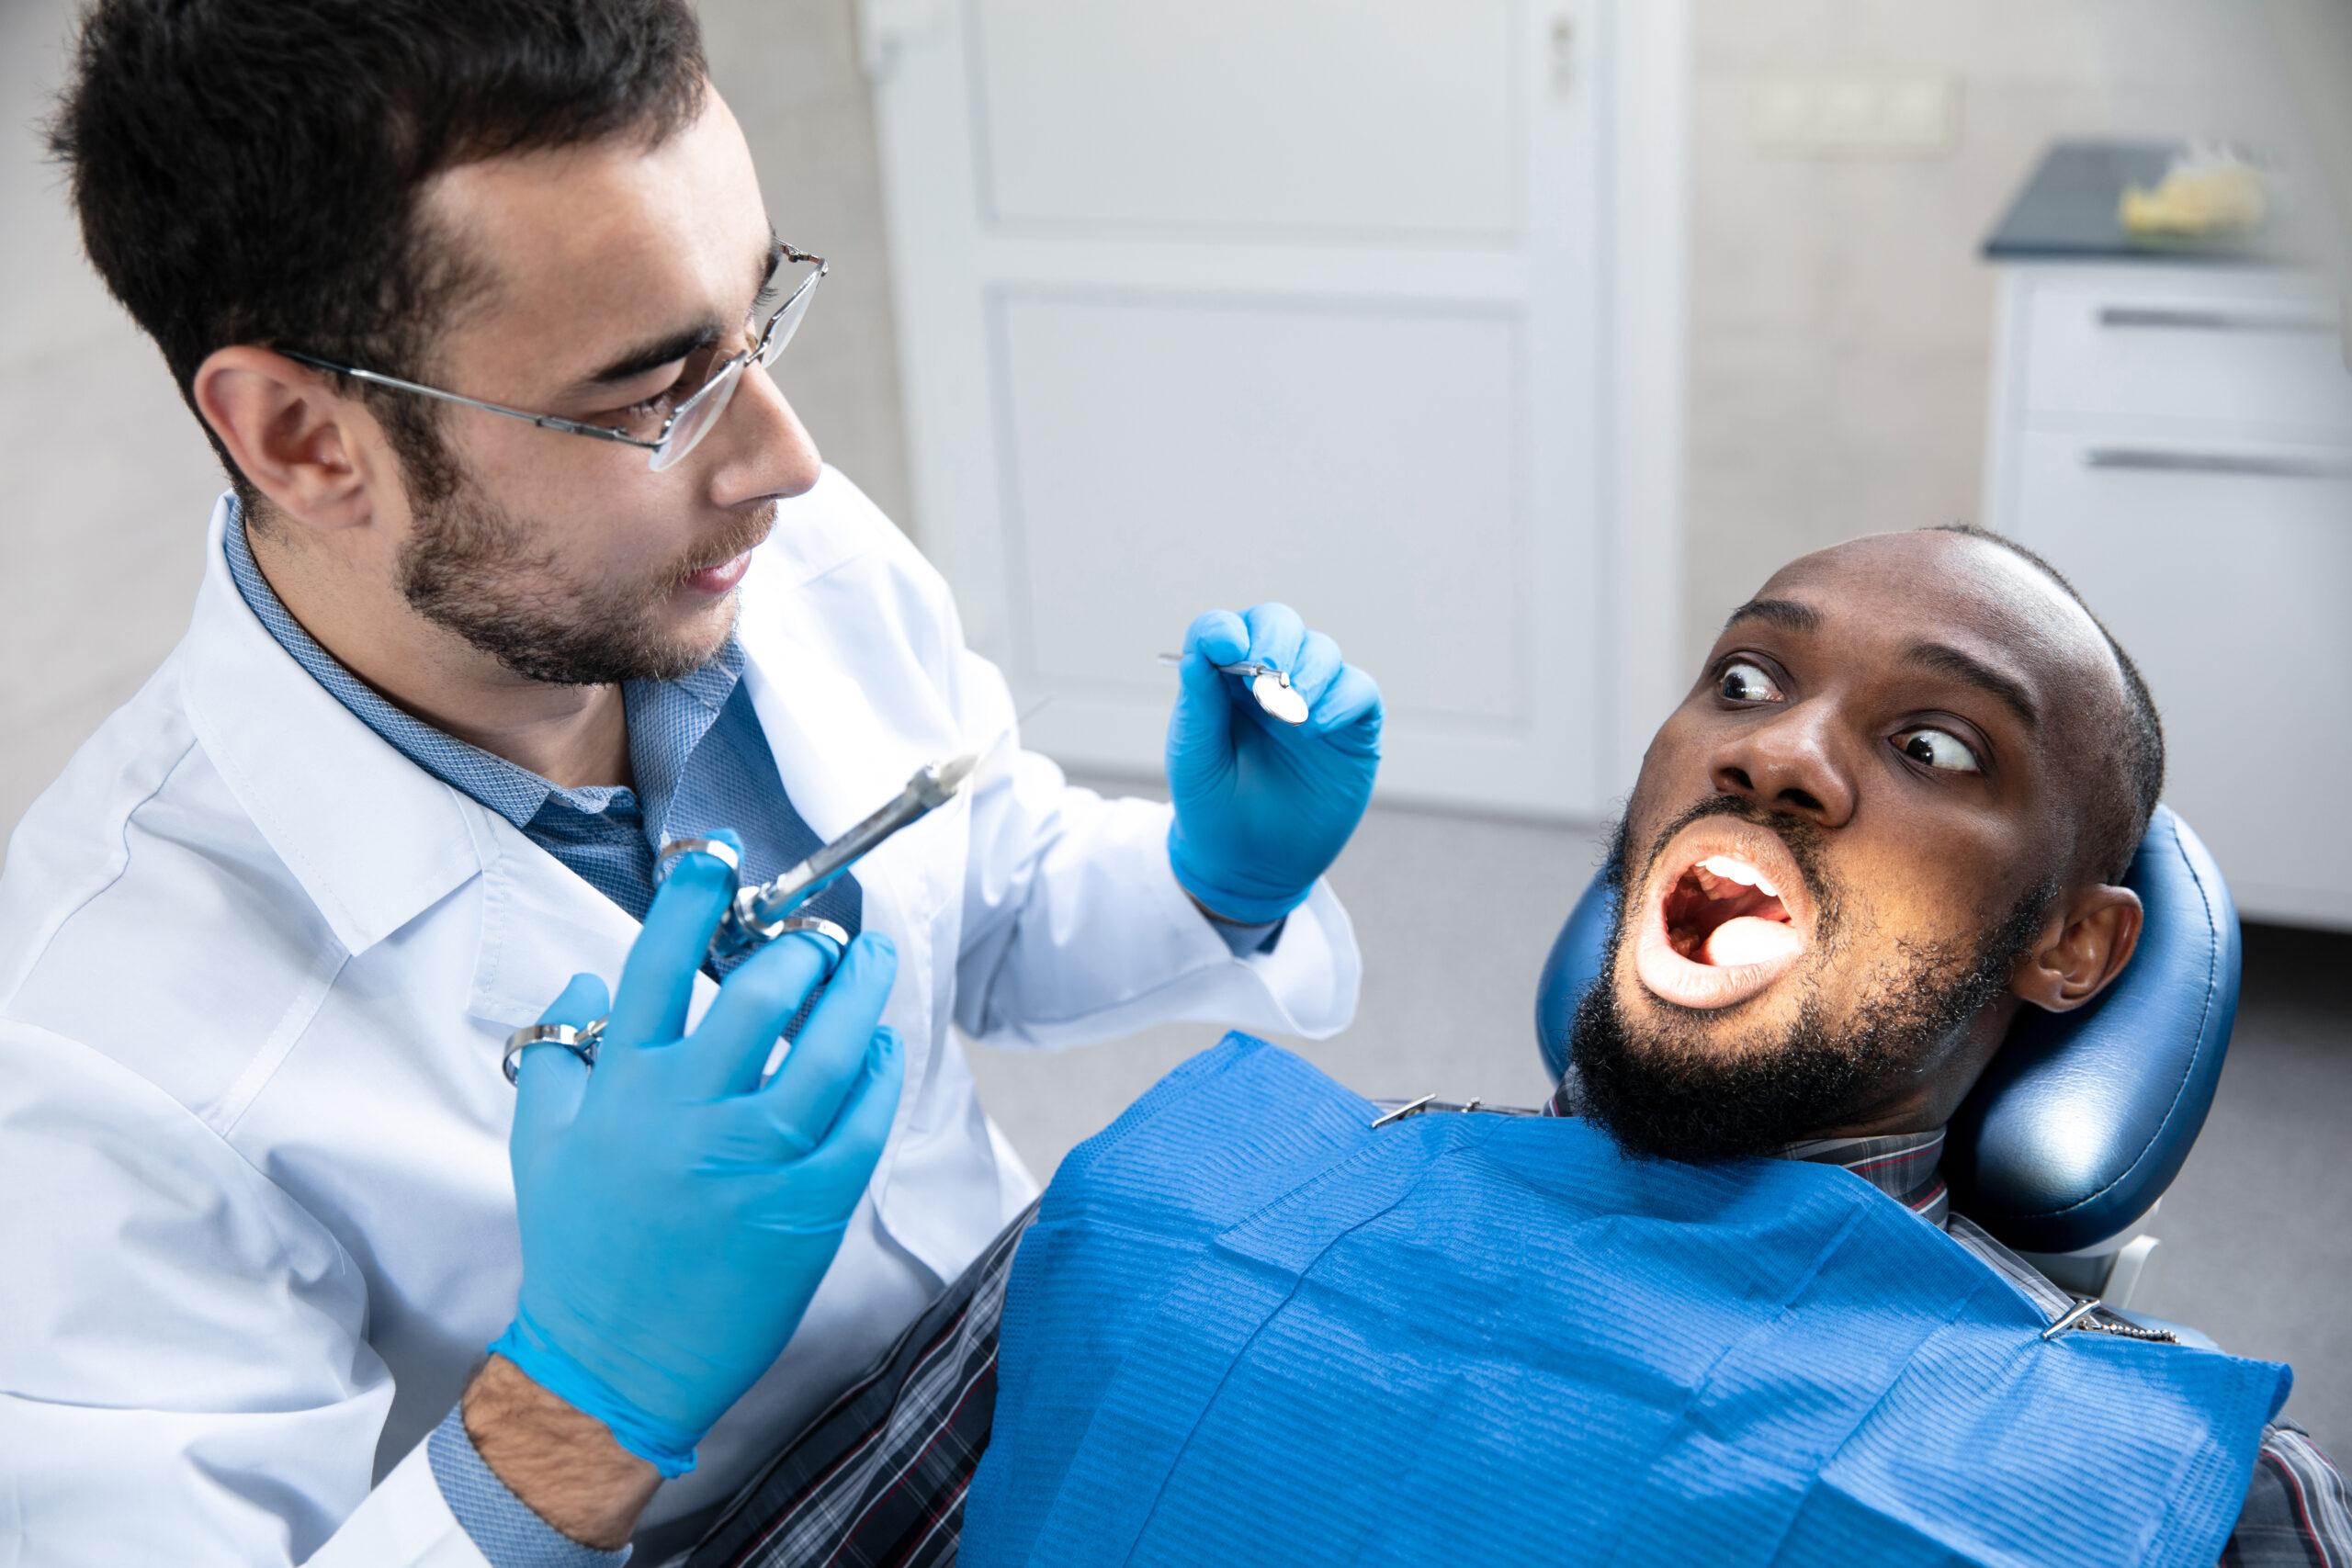 Strach ze zubního lékaře?